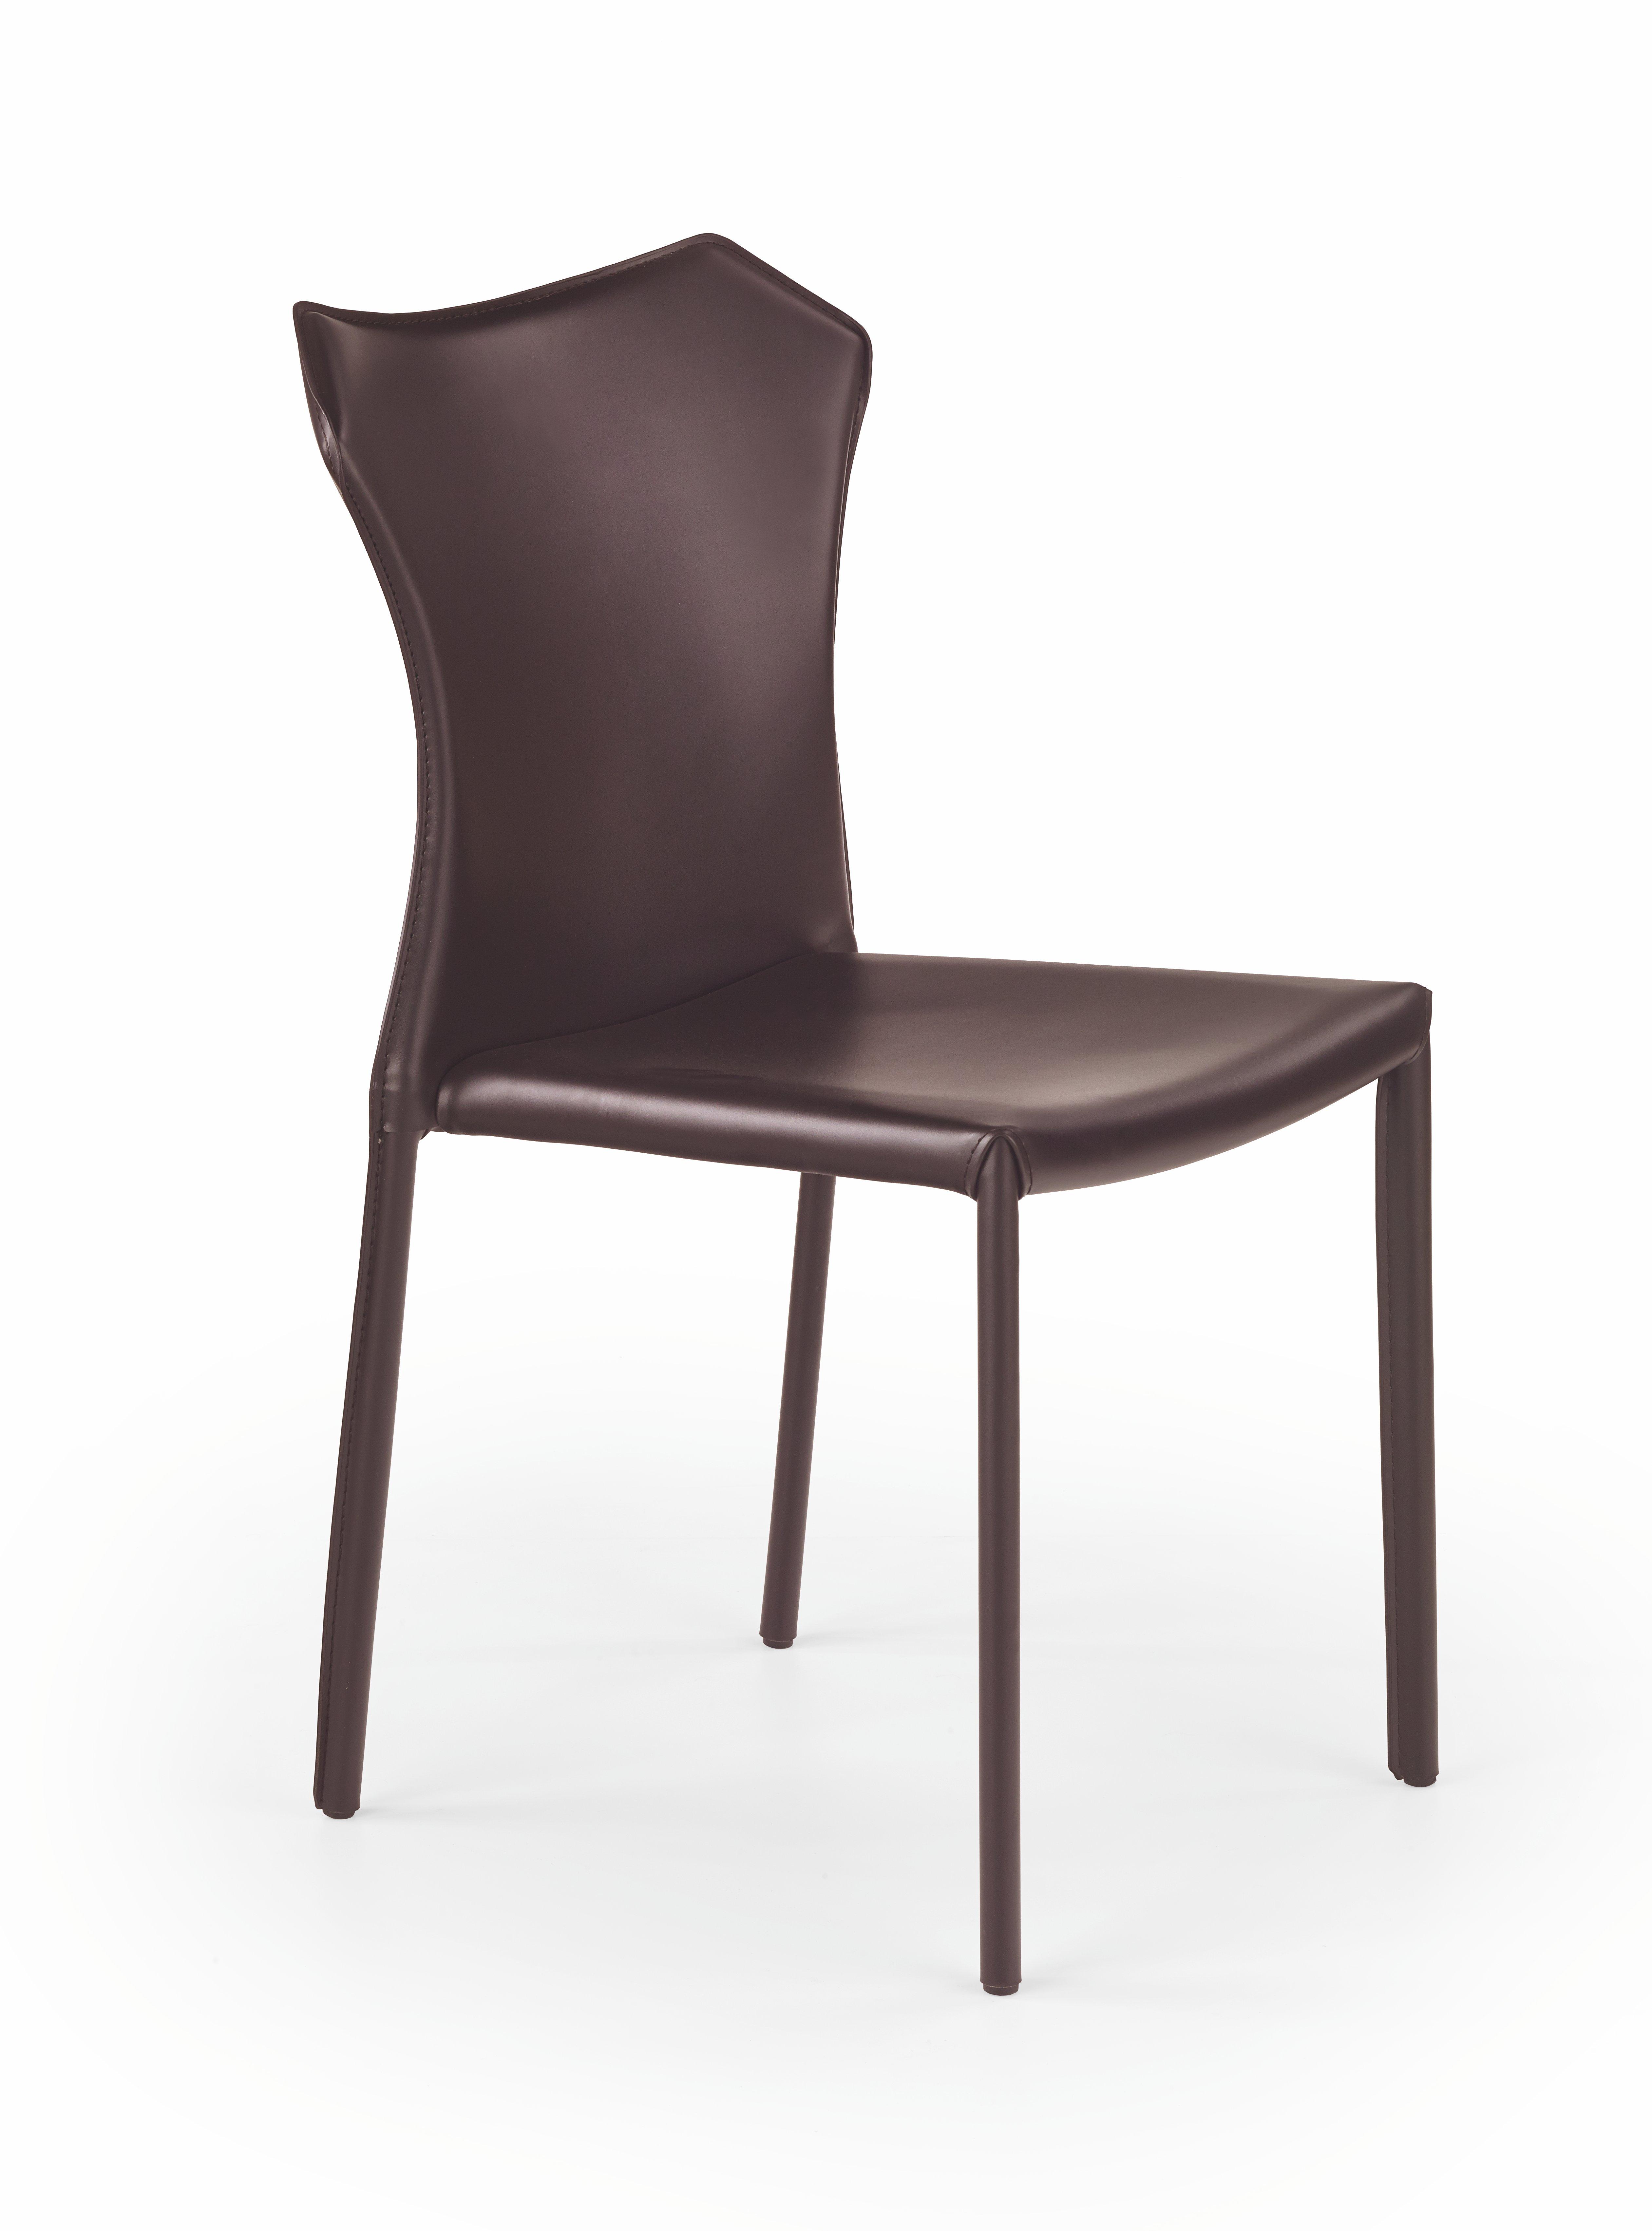 Scaun tapitat cu piele ecologica, cu picioare metalice K208 Dark Brown, l42xA41xH86 cm